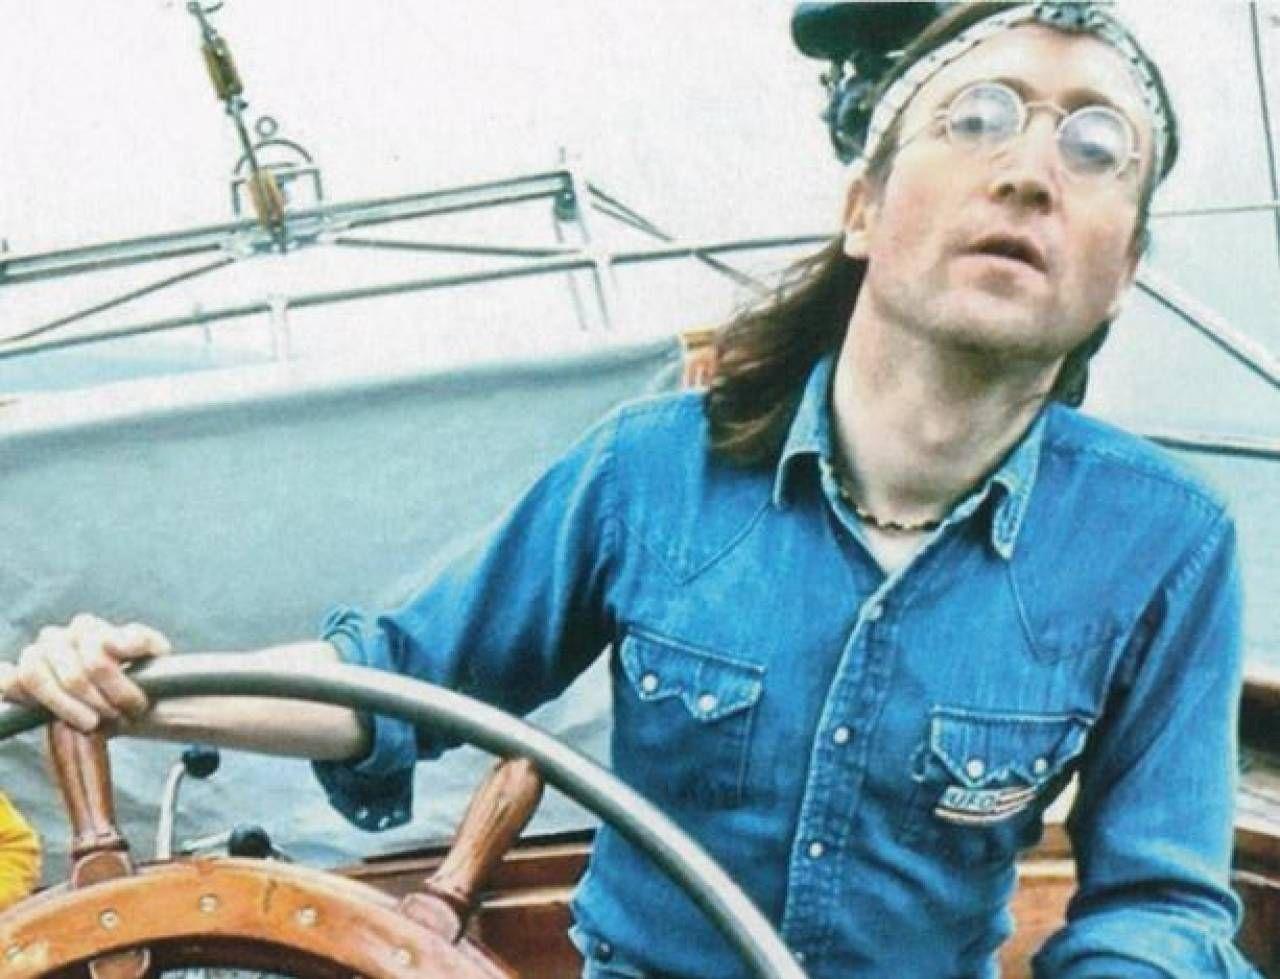 John Lennon (1940-1980) al timone: nel giugno 1980 il viaggio alle Bermuda sul Megan Jaye, imbarcazione tuttora in servizio